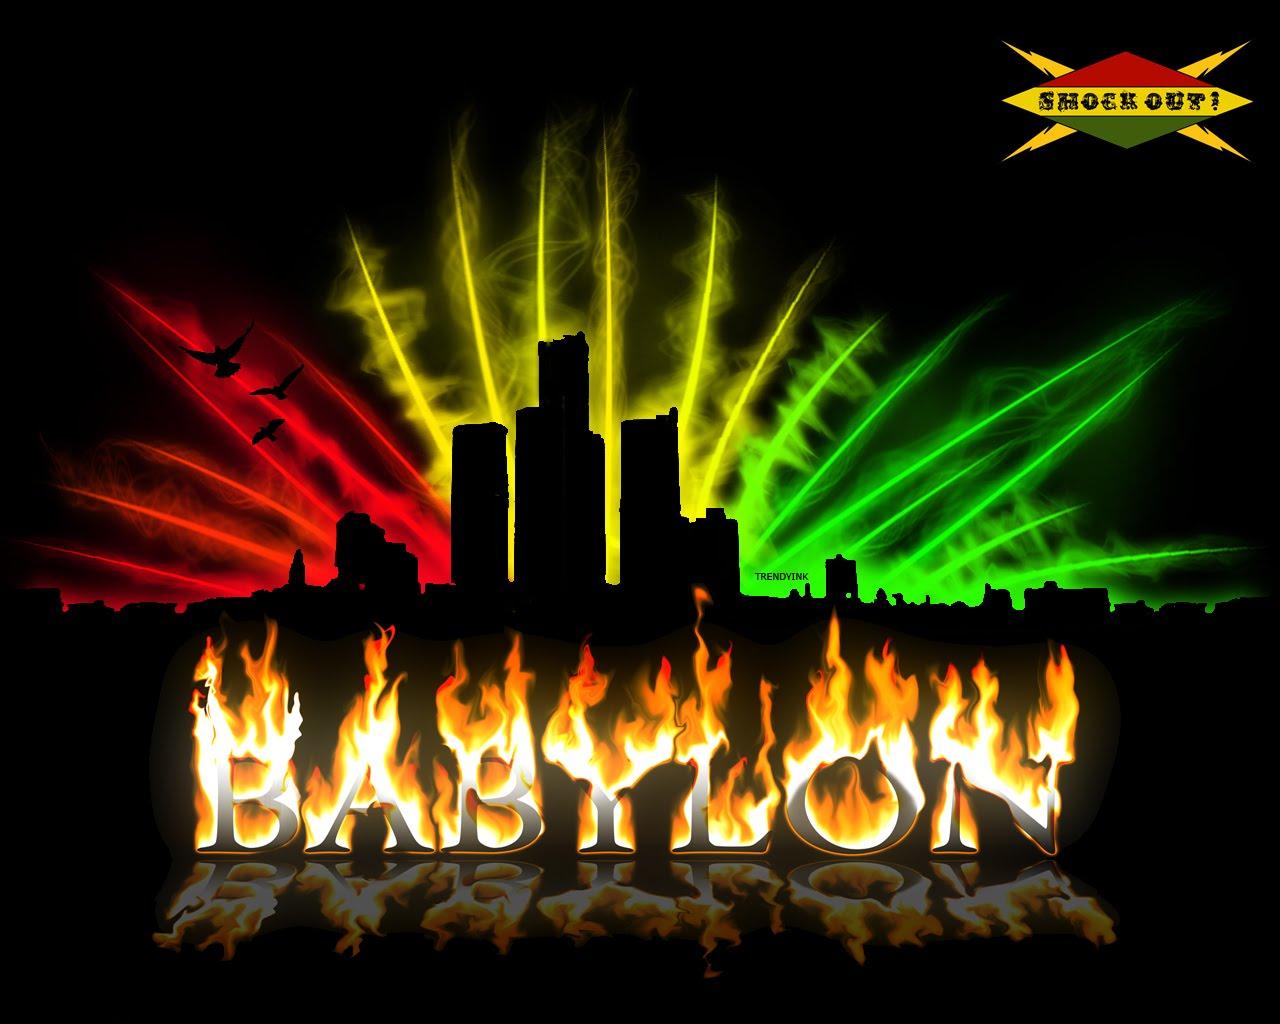 http://4.bp.blogspot.com/_hnGVtpJGpYM/S8J9bOB3clI/AAAAAAAAADQ/oXta_DE4lnM/s1600/shockoutcom-reggae_wallpaper-burning_babyon-1280x1024%5B1%5D.jpg